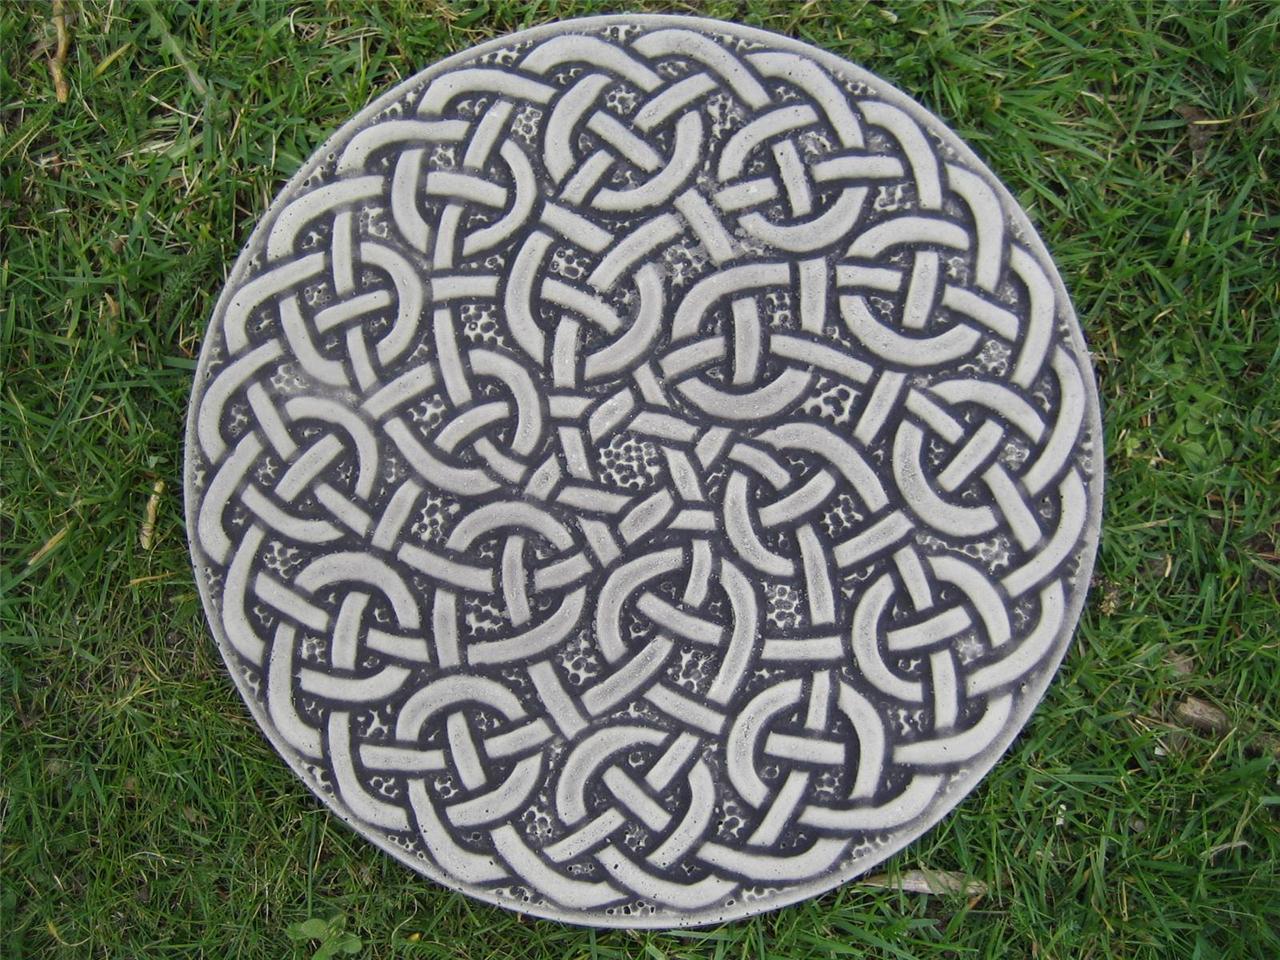 Eternal celtic knot steppingstone garden ornament 57